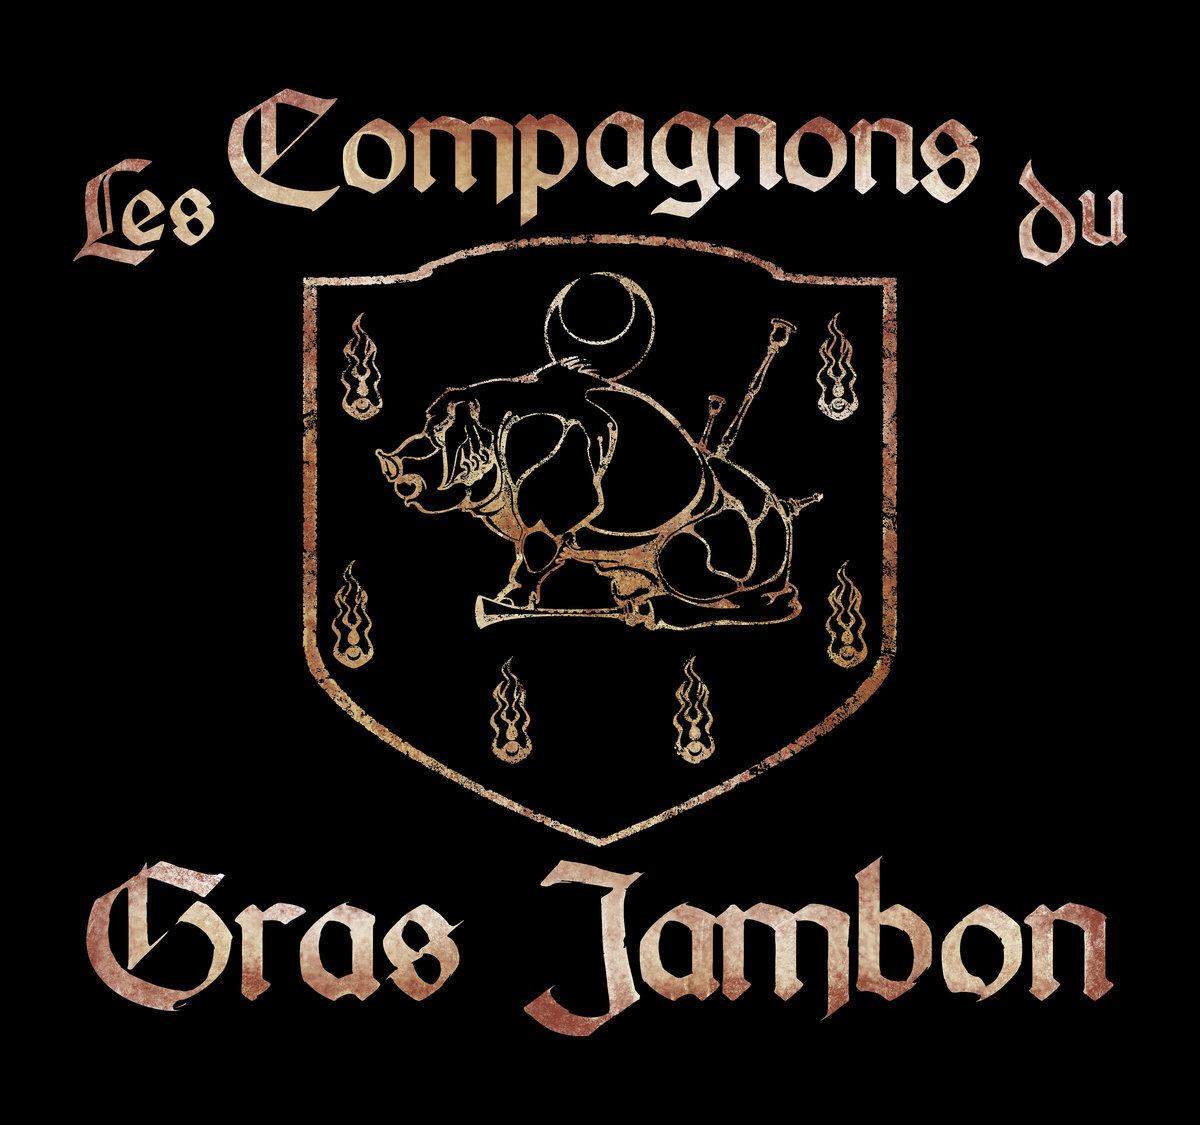 Les Compagnons du Gras Jambon